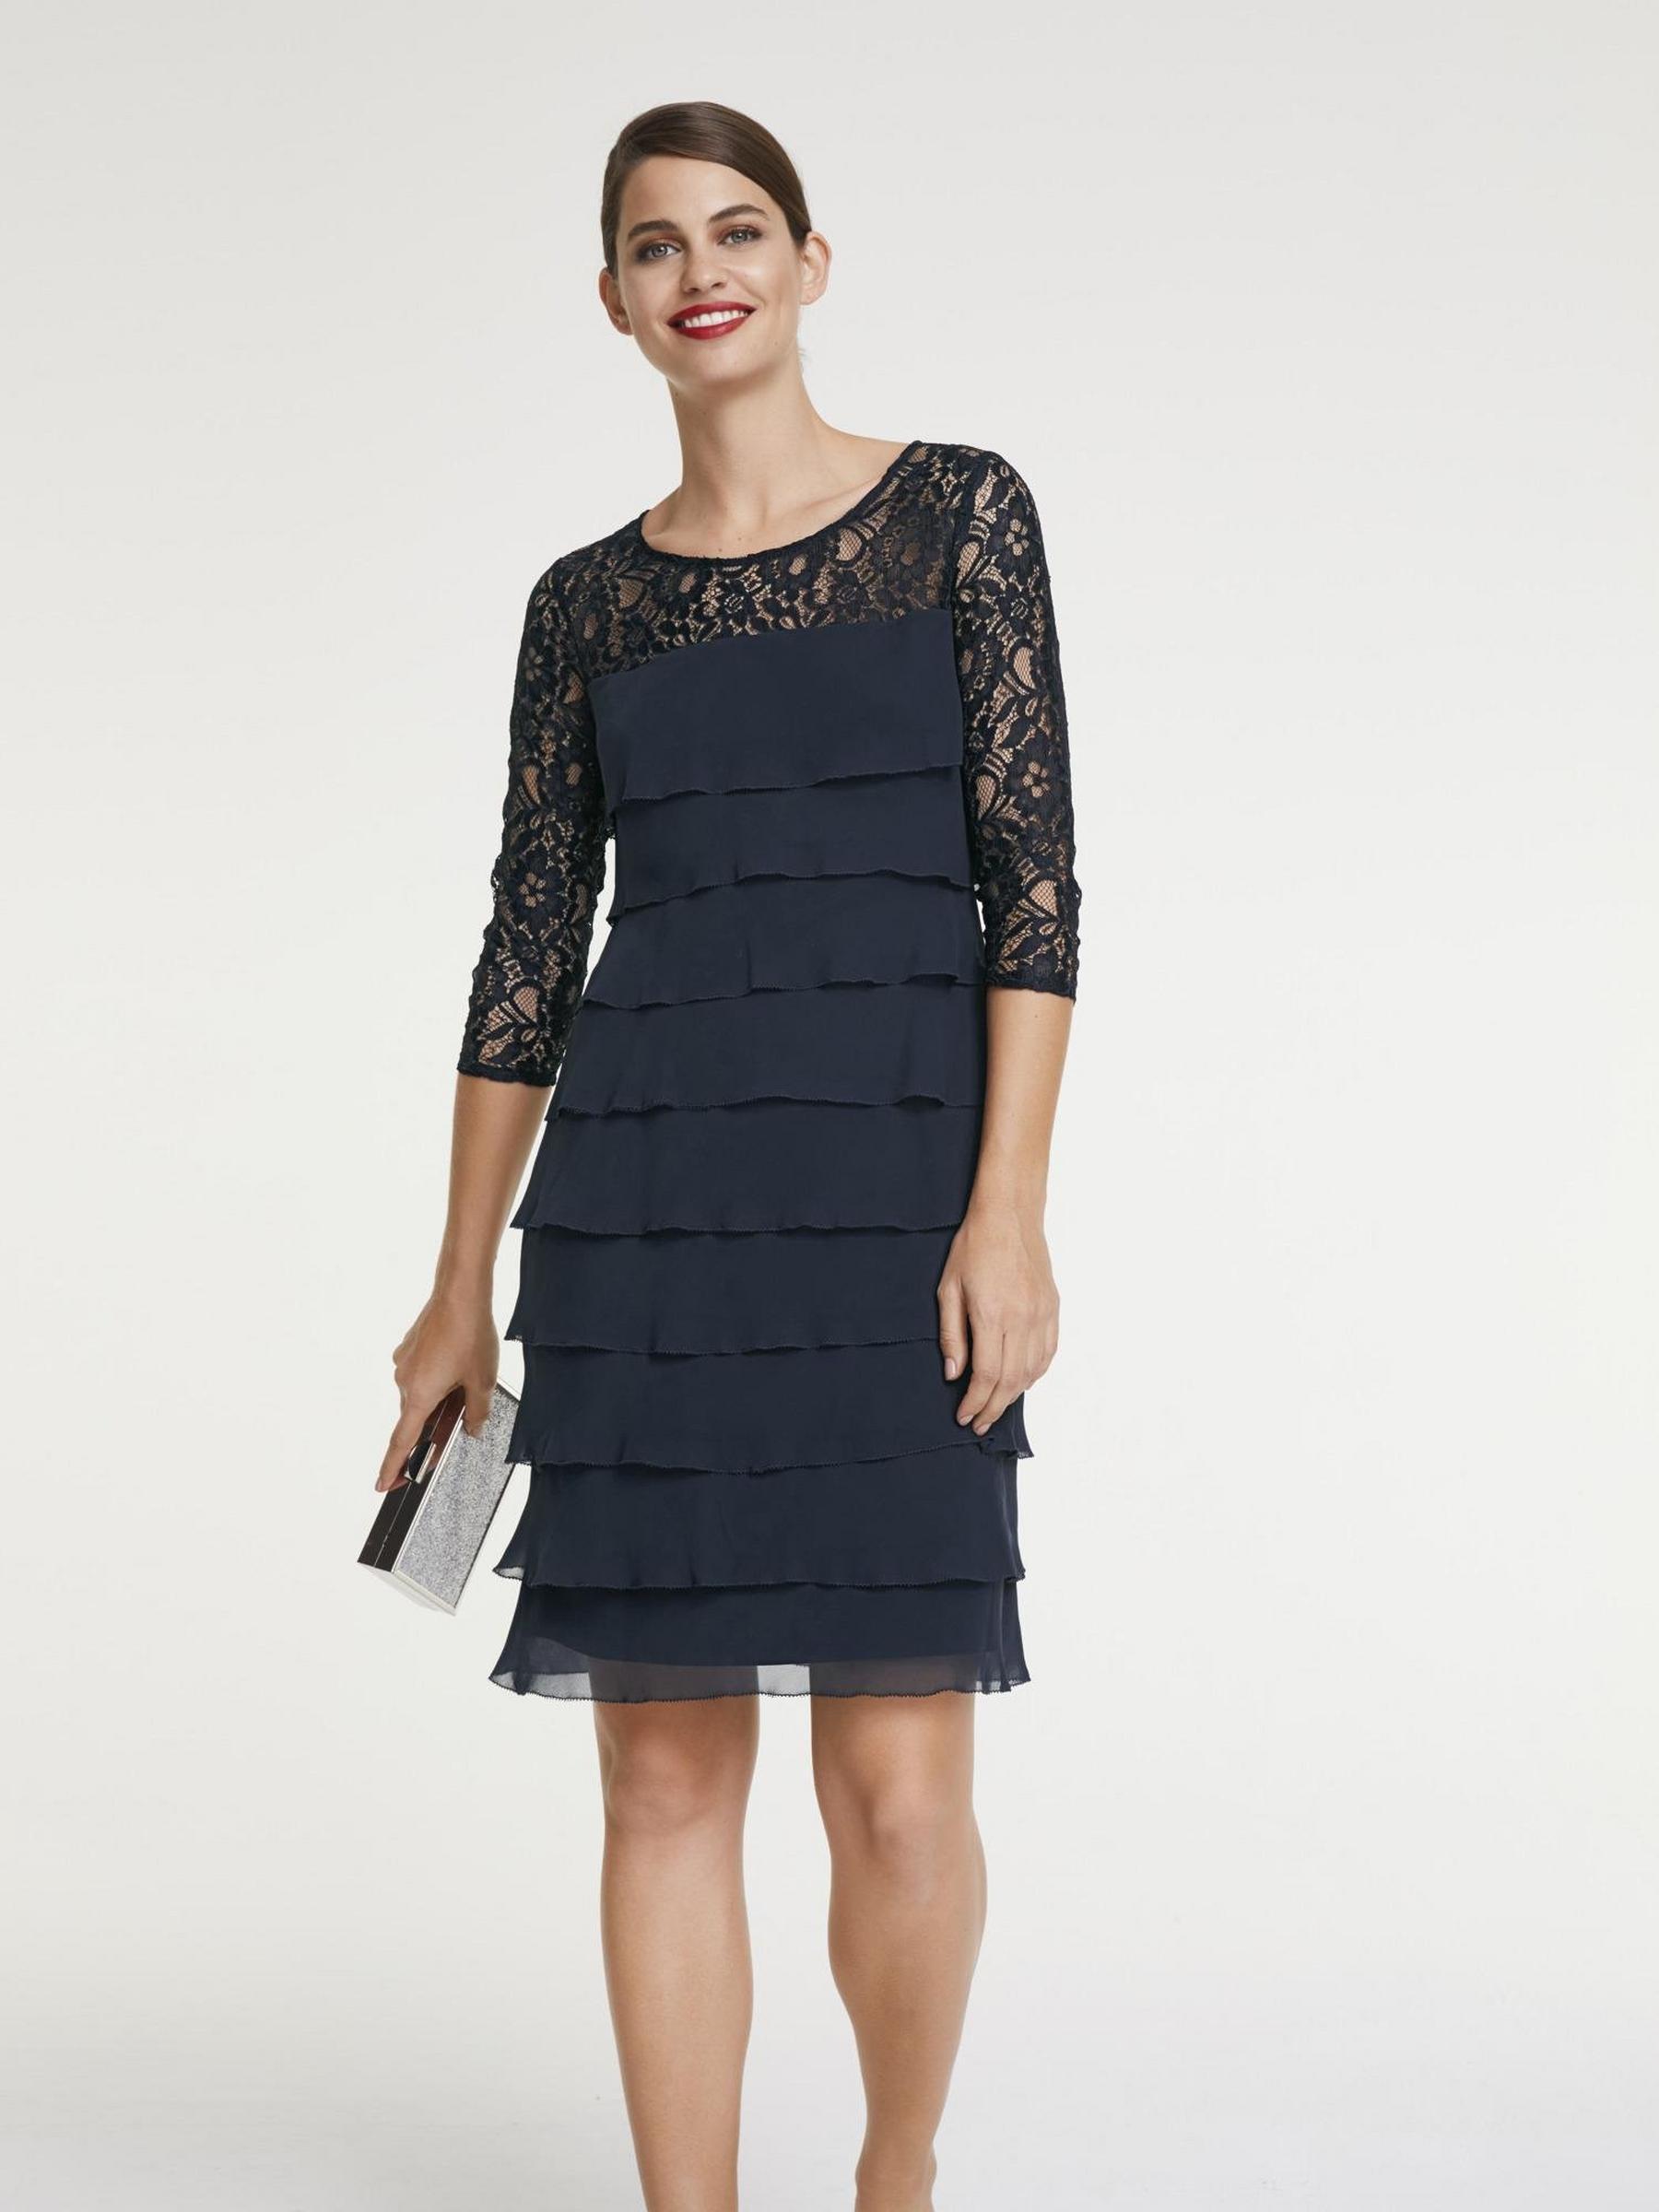 Modèle de robe bleu marine à volants, manchettes et décolleté en dentelle